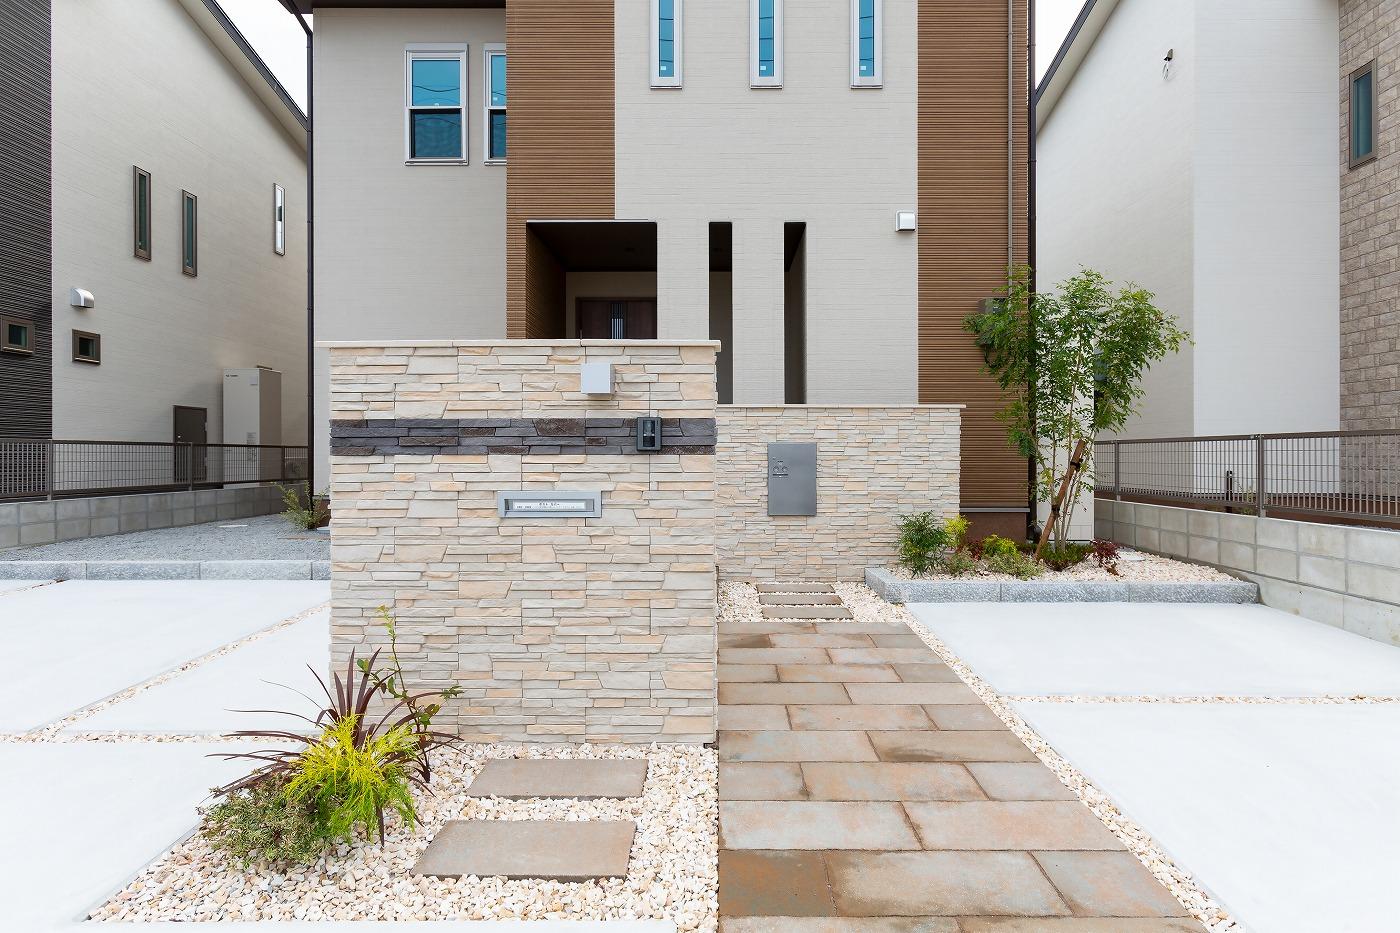 高松市松縄町の新築分譲住宅の庭アプローチ